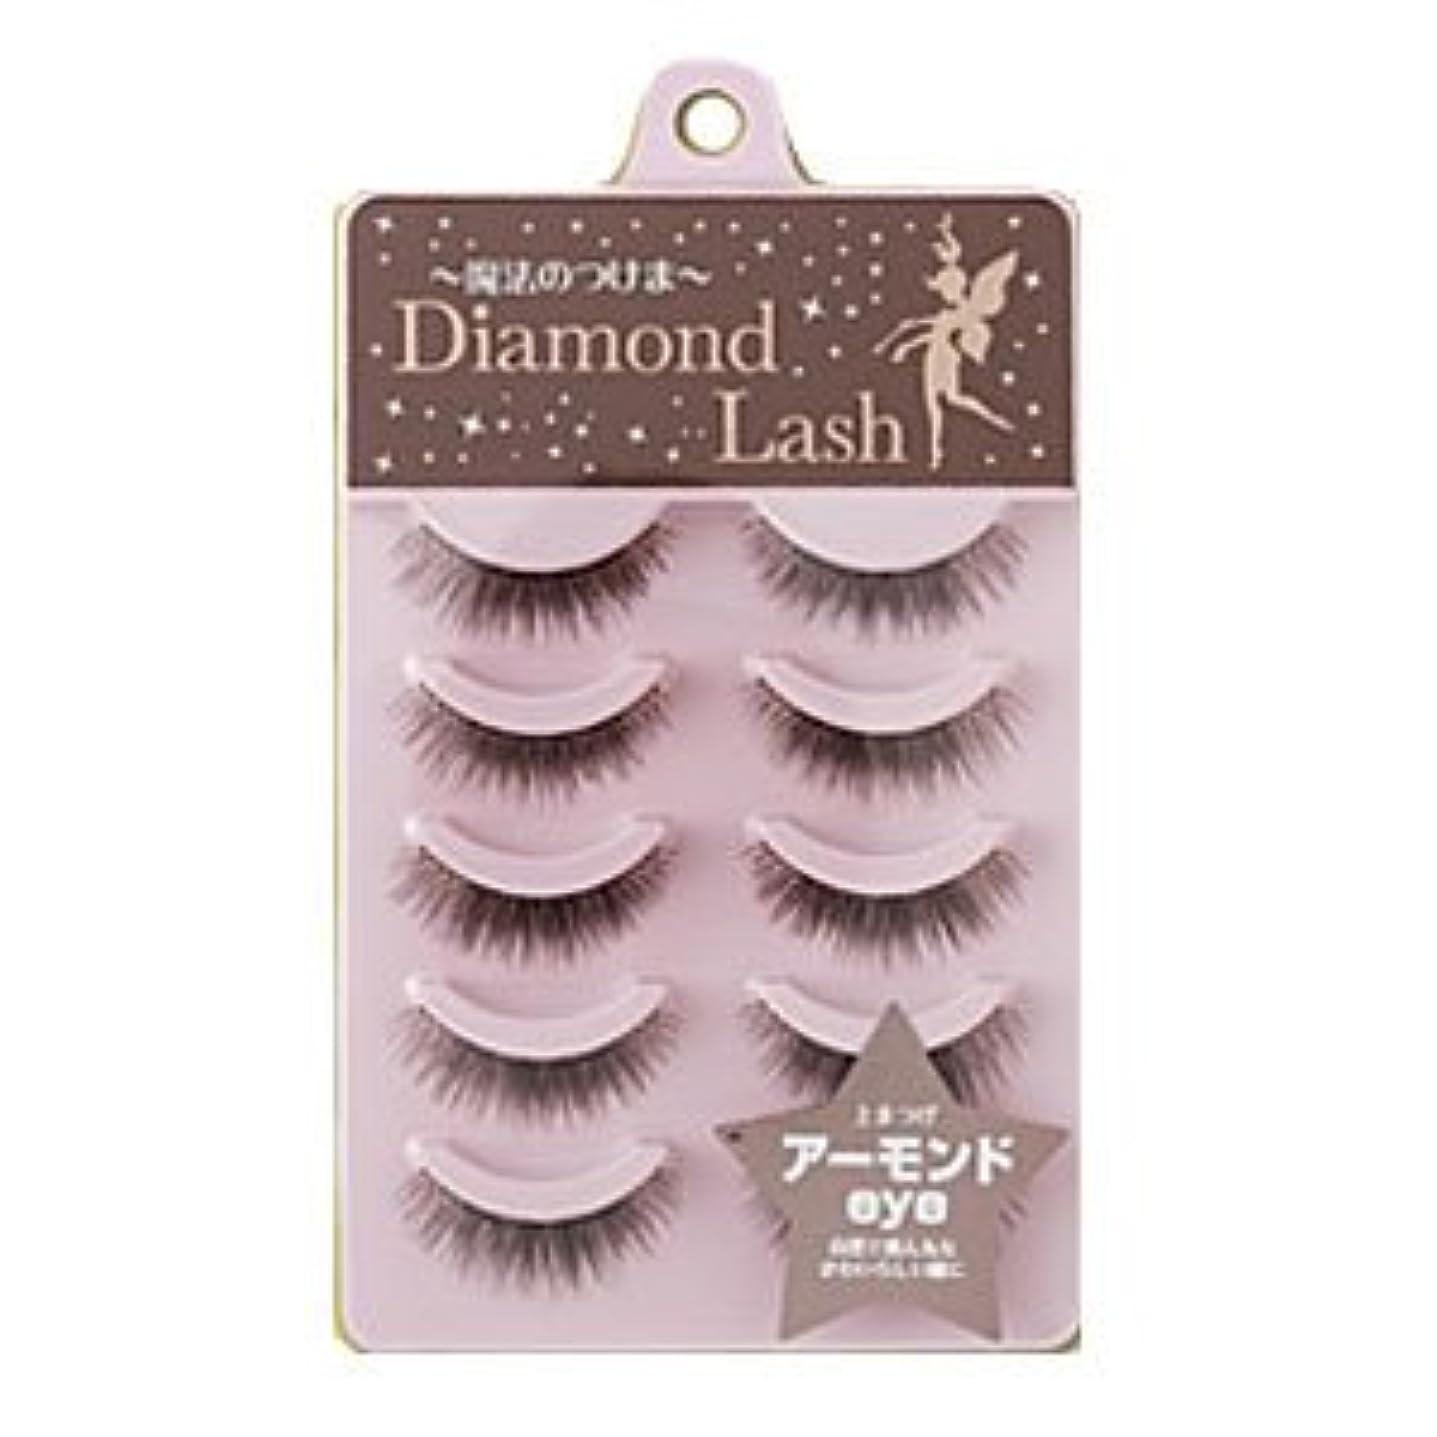 草おノミネートダイヤモンドラッシュ Diamond Lash つけまつげ リッチブラウンシリーズ アーモンドeye